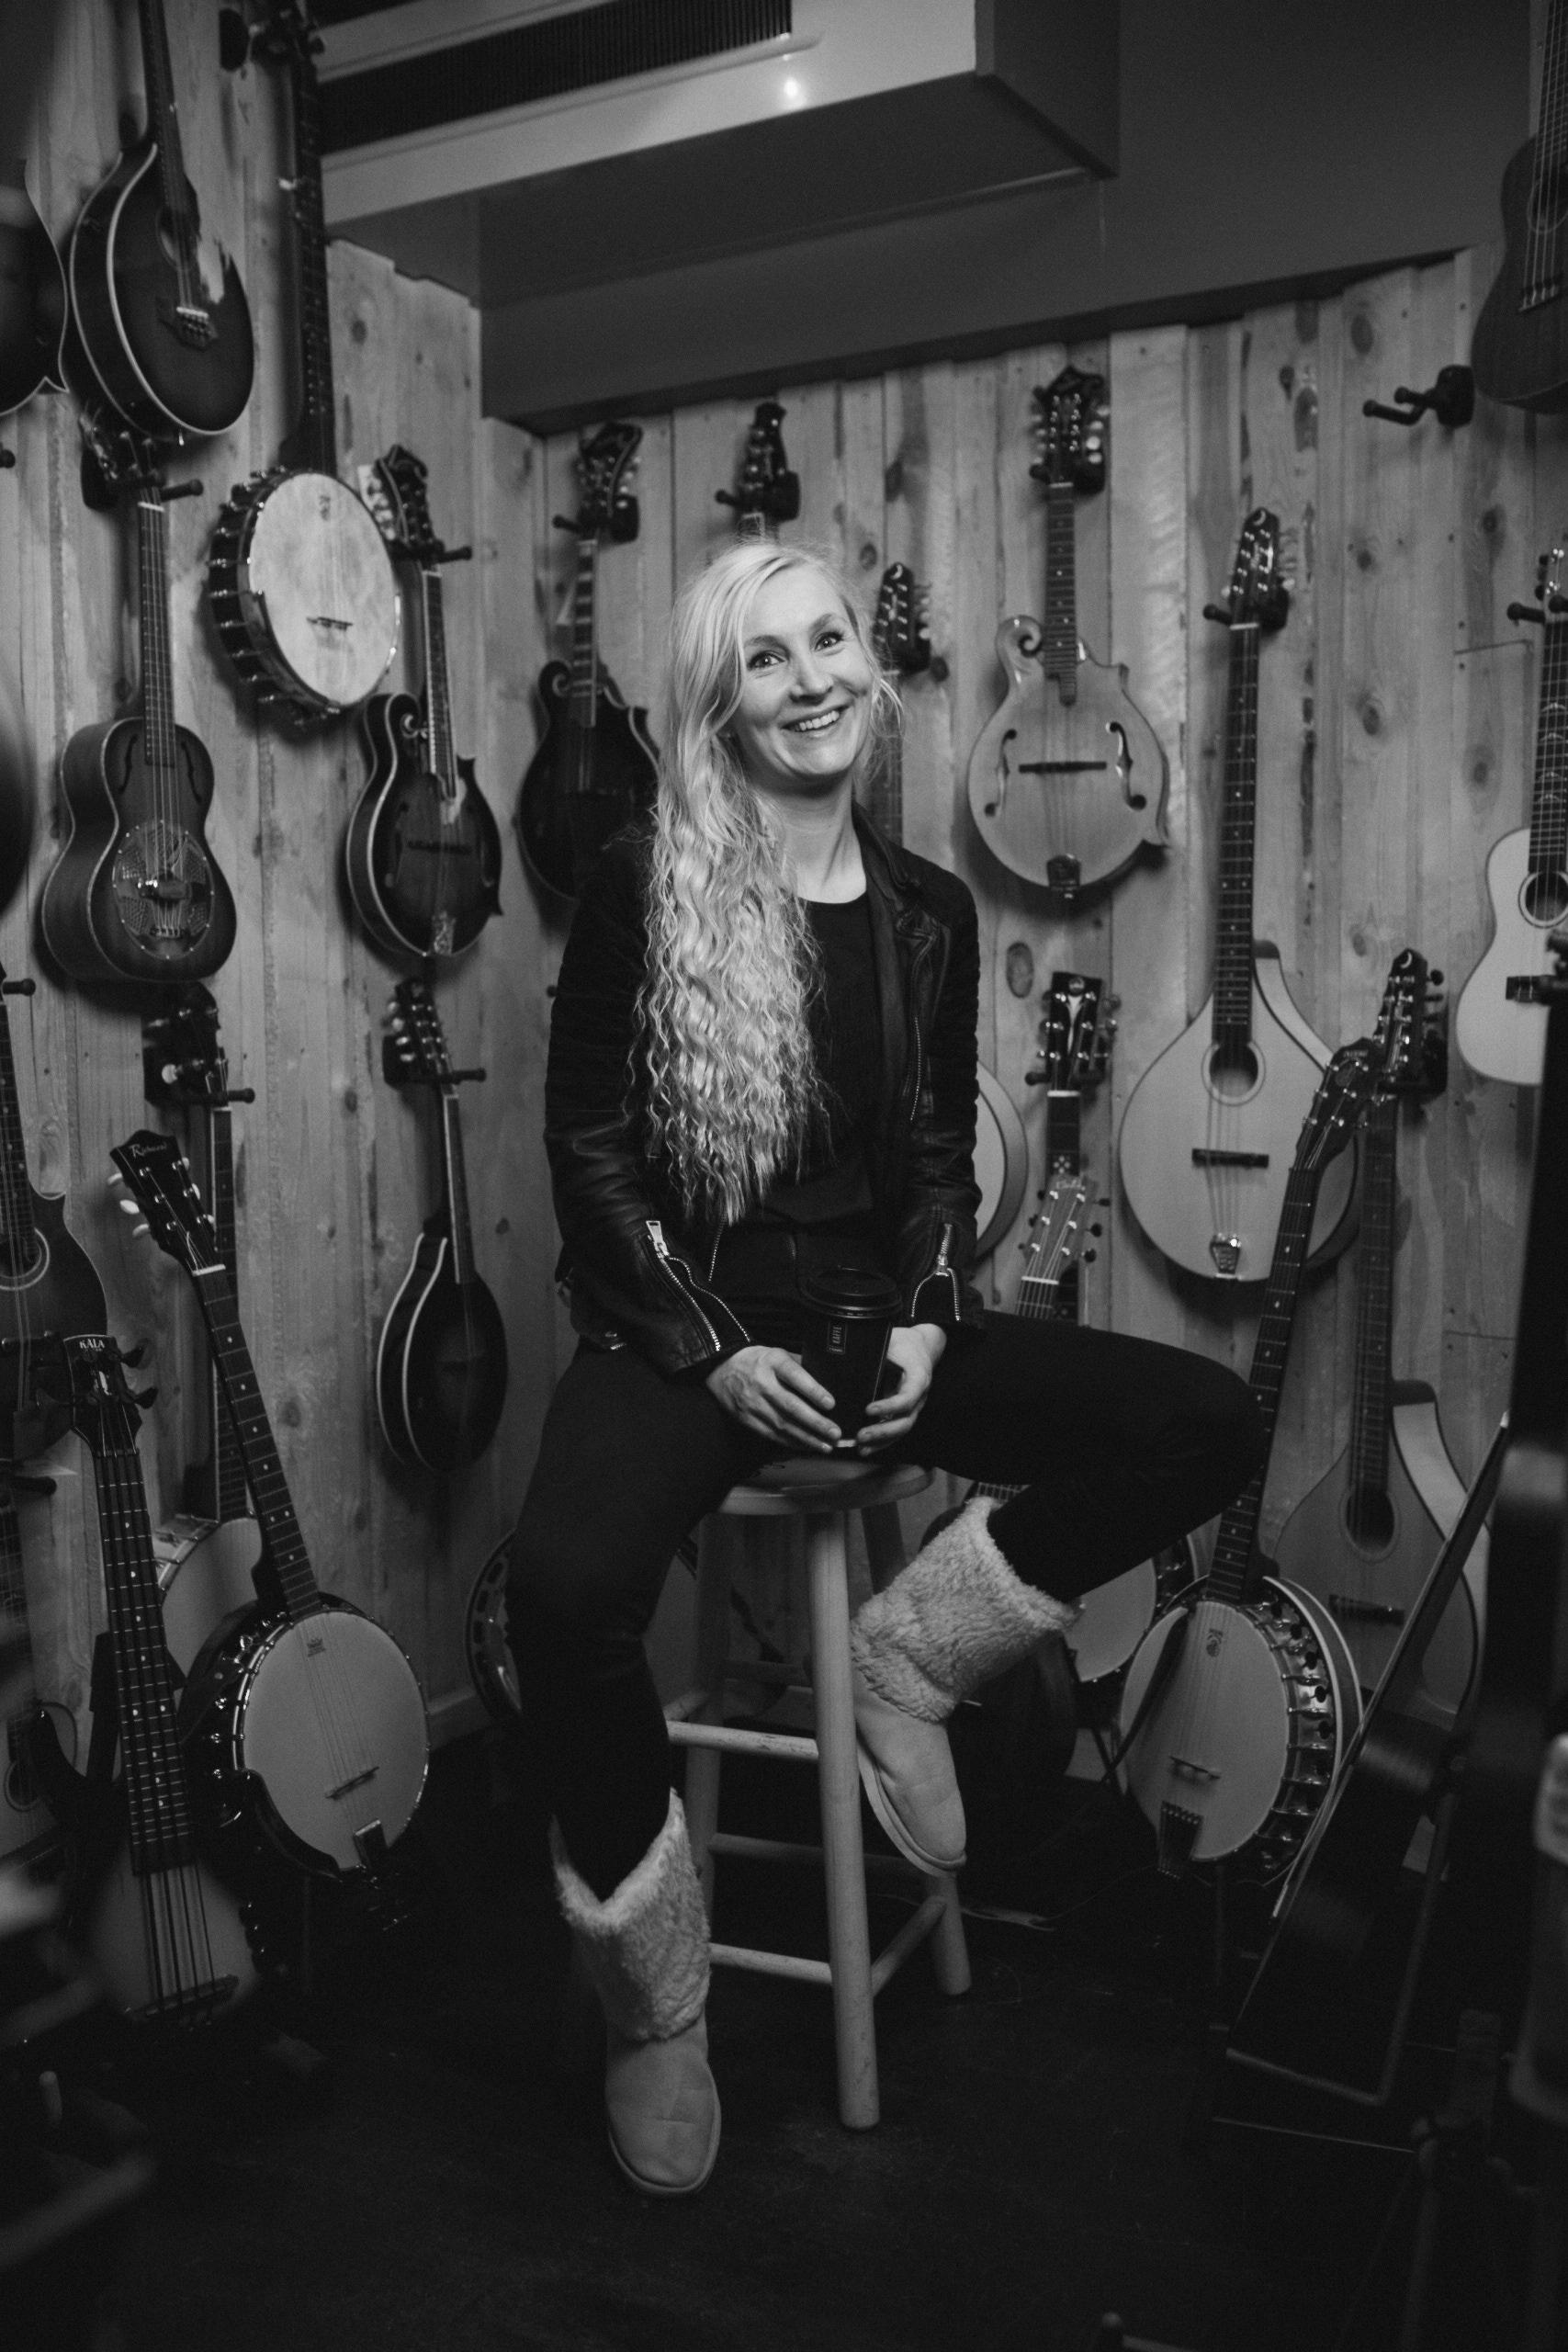 anna bentholm - Guitar | Ukulele | Sangskrivning | Babyrytmik to go | Sangskriverhold |27 59 66 89Send en mail▶︎ Se profil